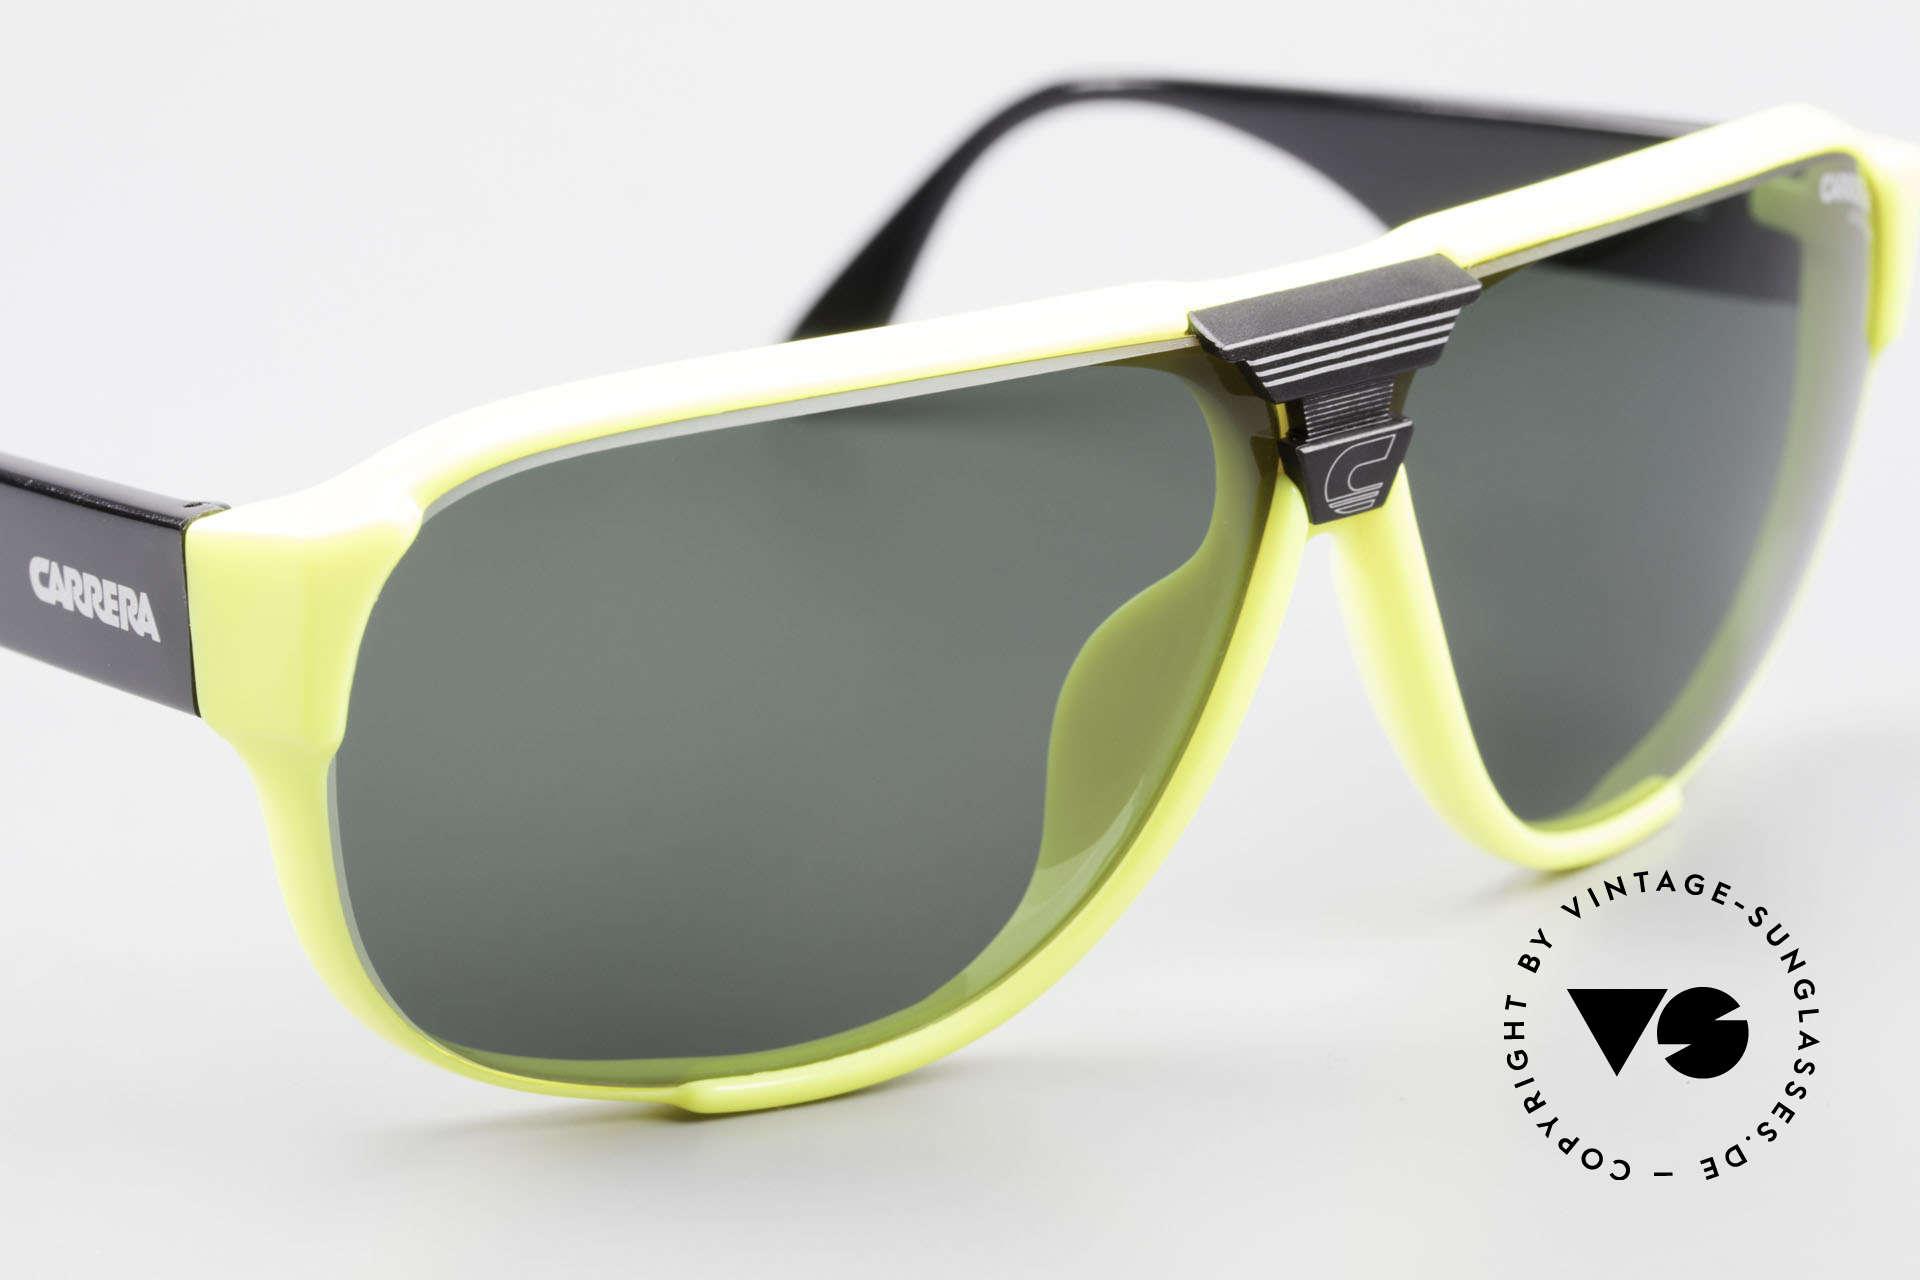 Carrera 5431 80er Sportsonnenbrille Alpin, ungetragen (wie alle unsere 80er CARRERA Brillen), Passend für Herren